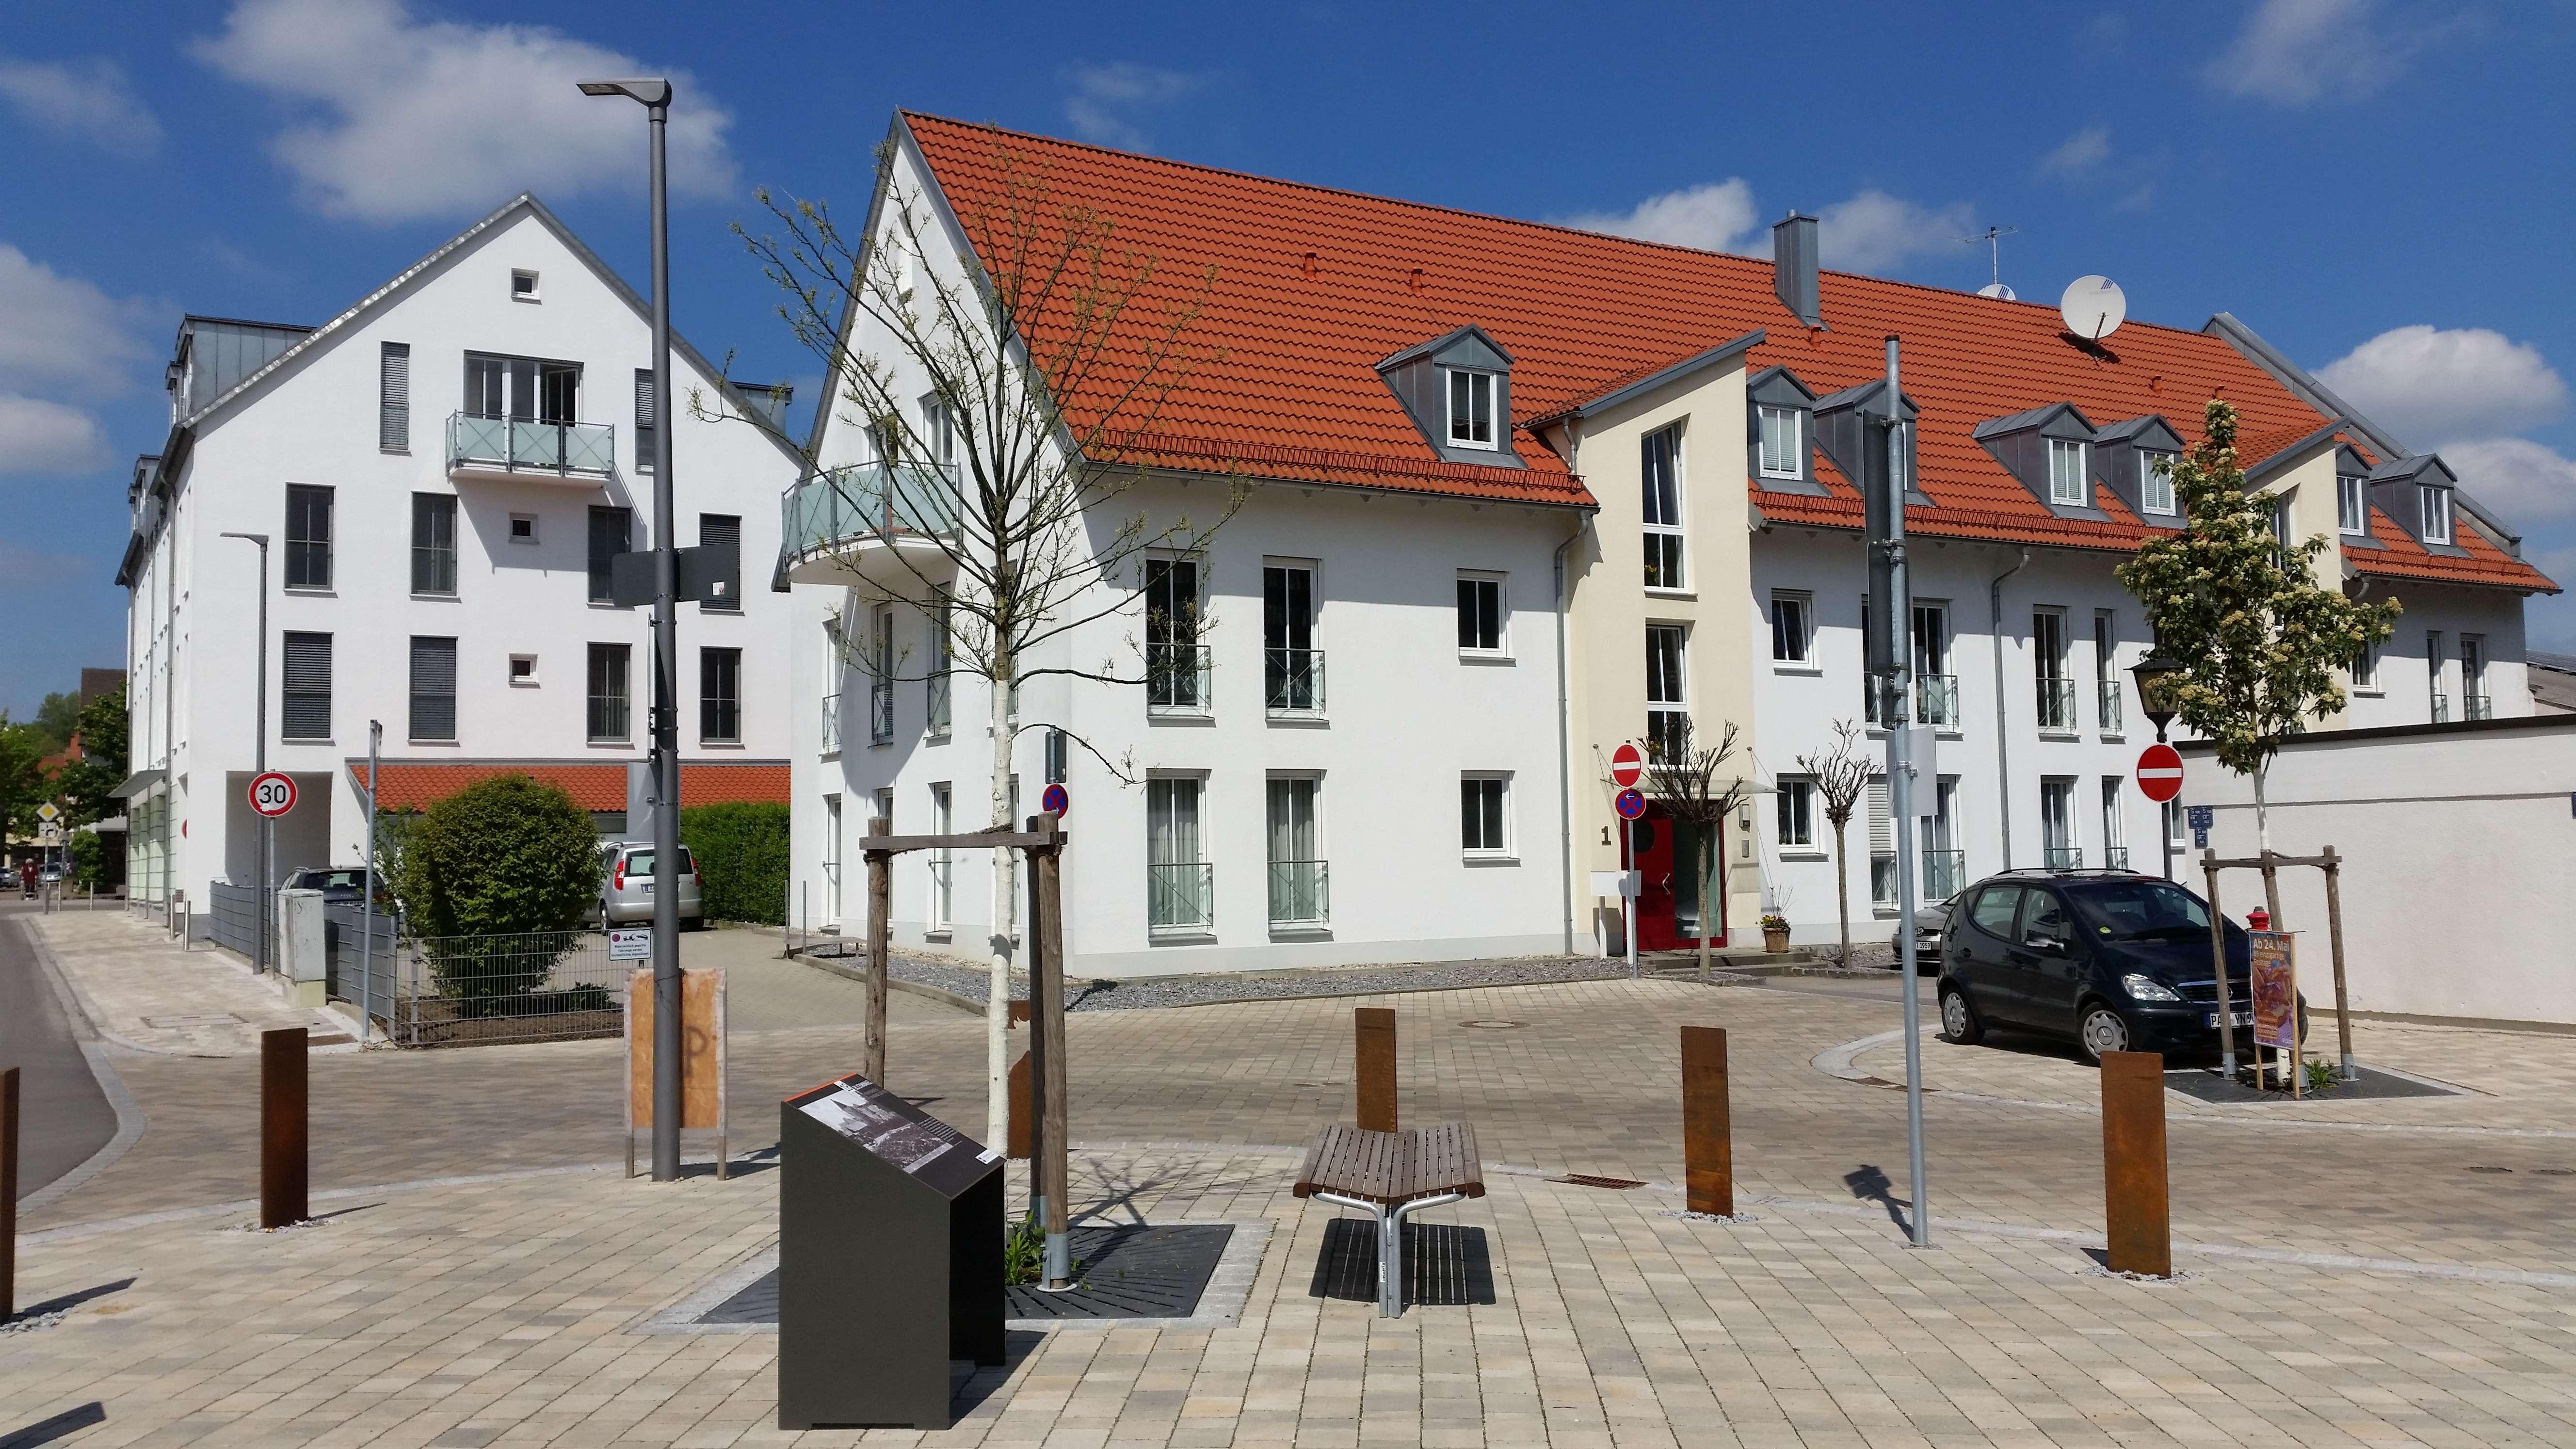 Moderne Innenstadtwohnung am Bürgerpark Pfaffenhofen (EG) in Pfaffenhofen an der Ilm